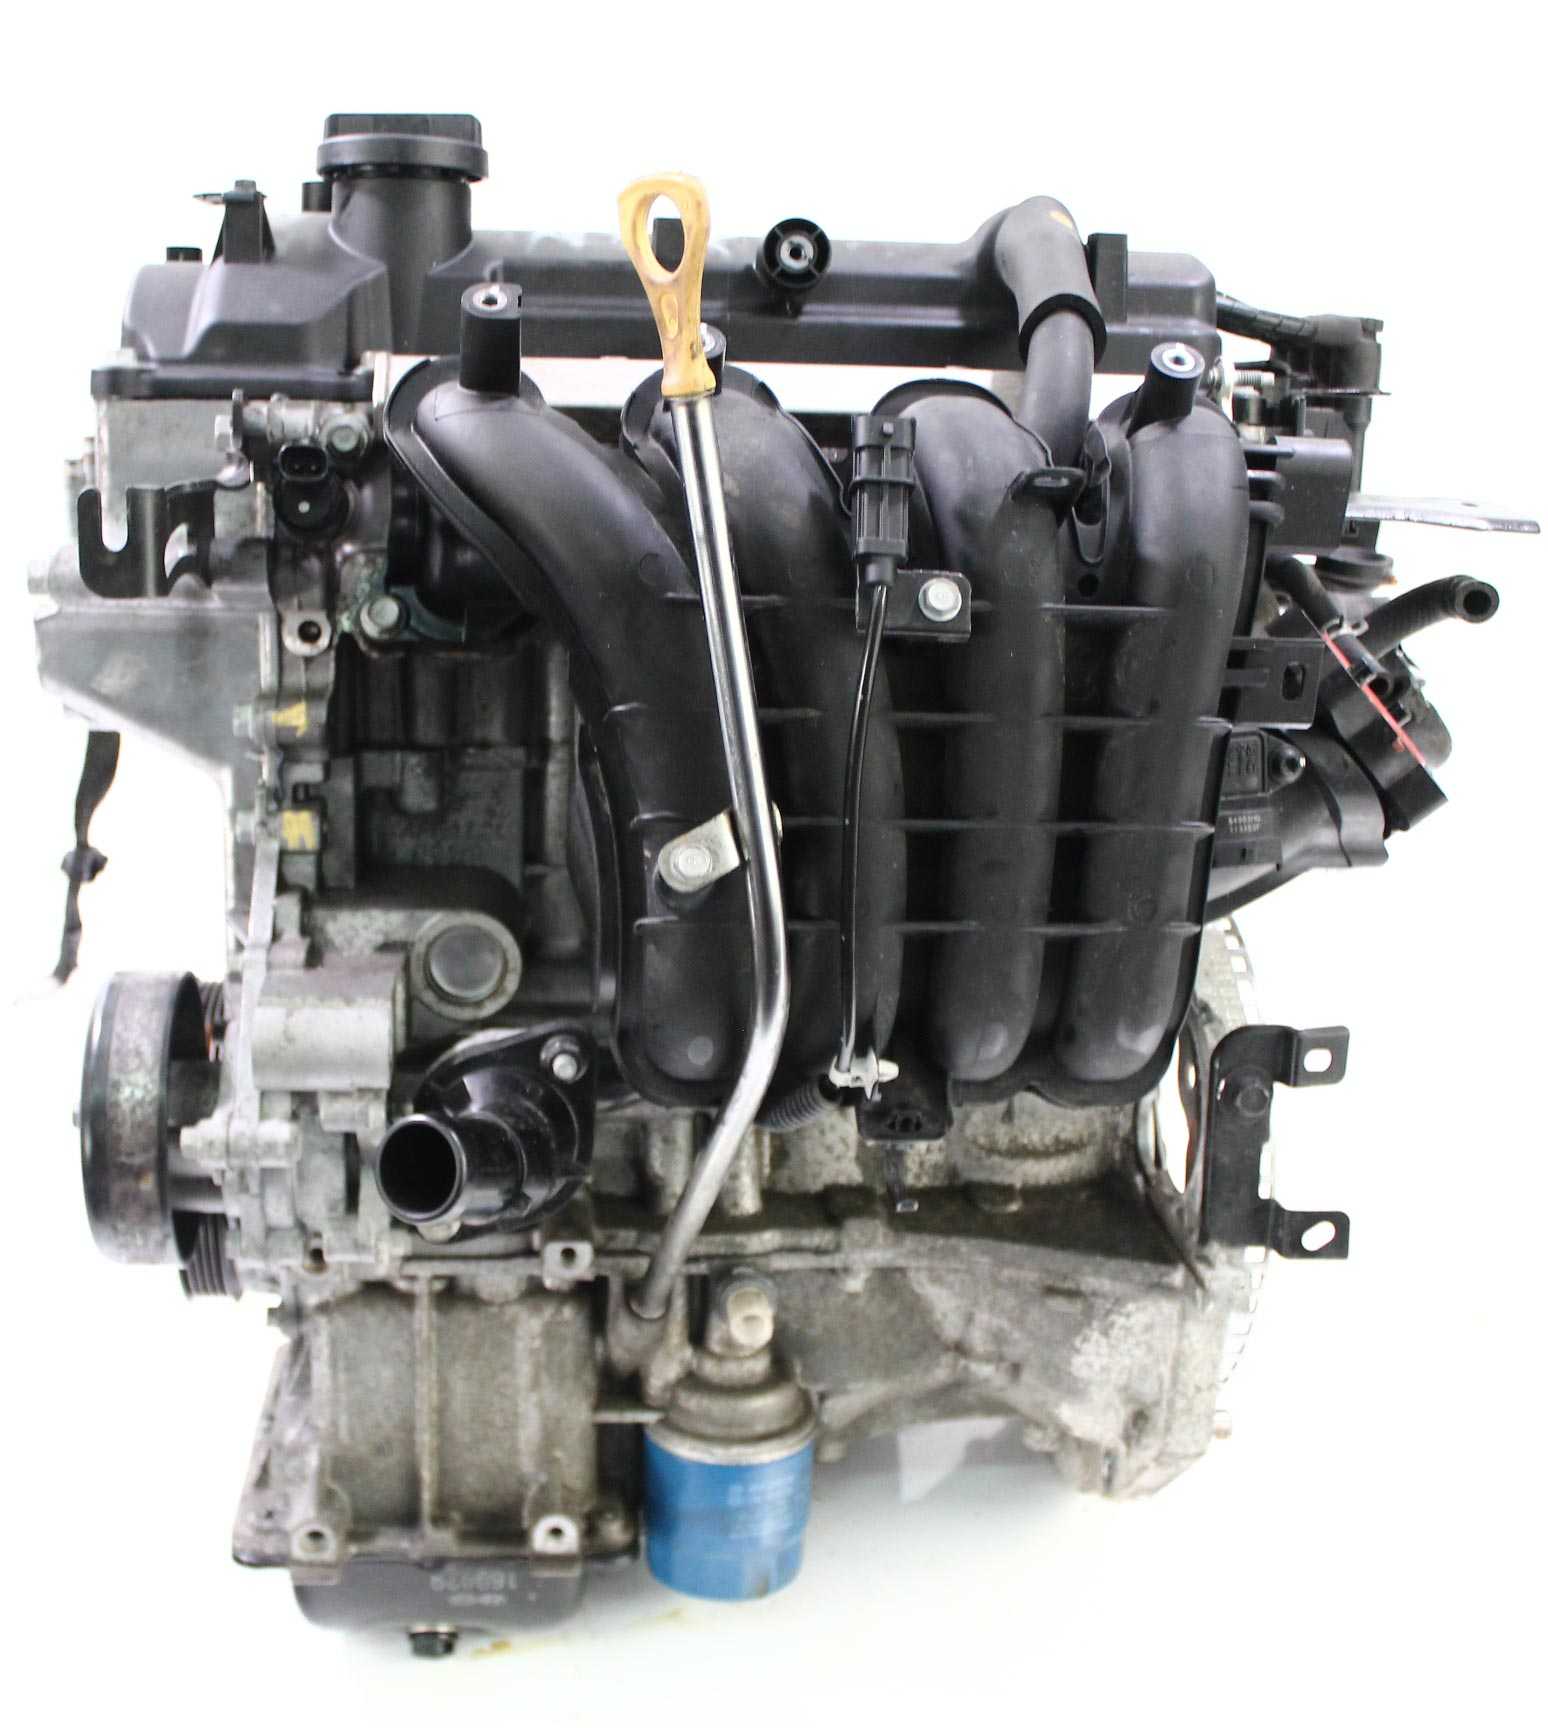 Motor 2017 Kia Picanto JA 1,2 Benzin G4LA 84 PS mit Anbauteilen